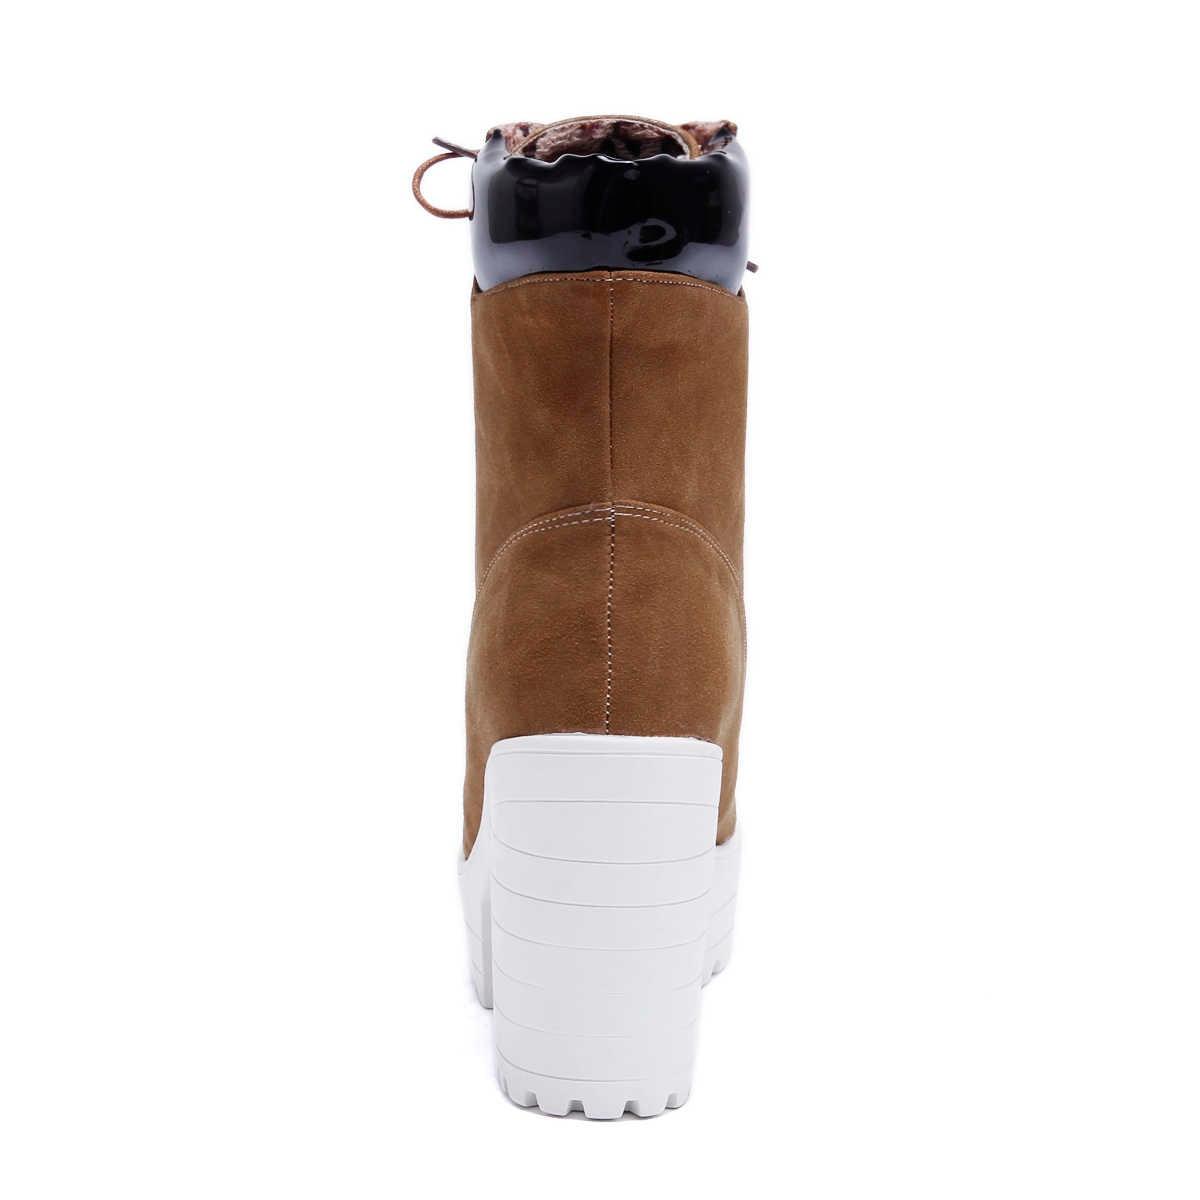 Kadın Platformu Çizmeler Akın Kare Yüksek Topuklu yarım çizmeler Lace Up Sonbahar Kış Moda Bayanlar Ayakkabı Artı Boyutu 2018 Yeni